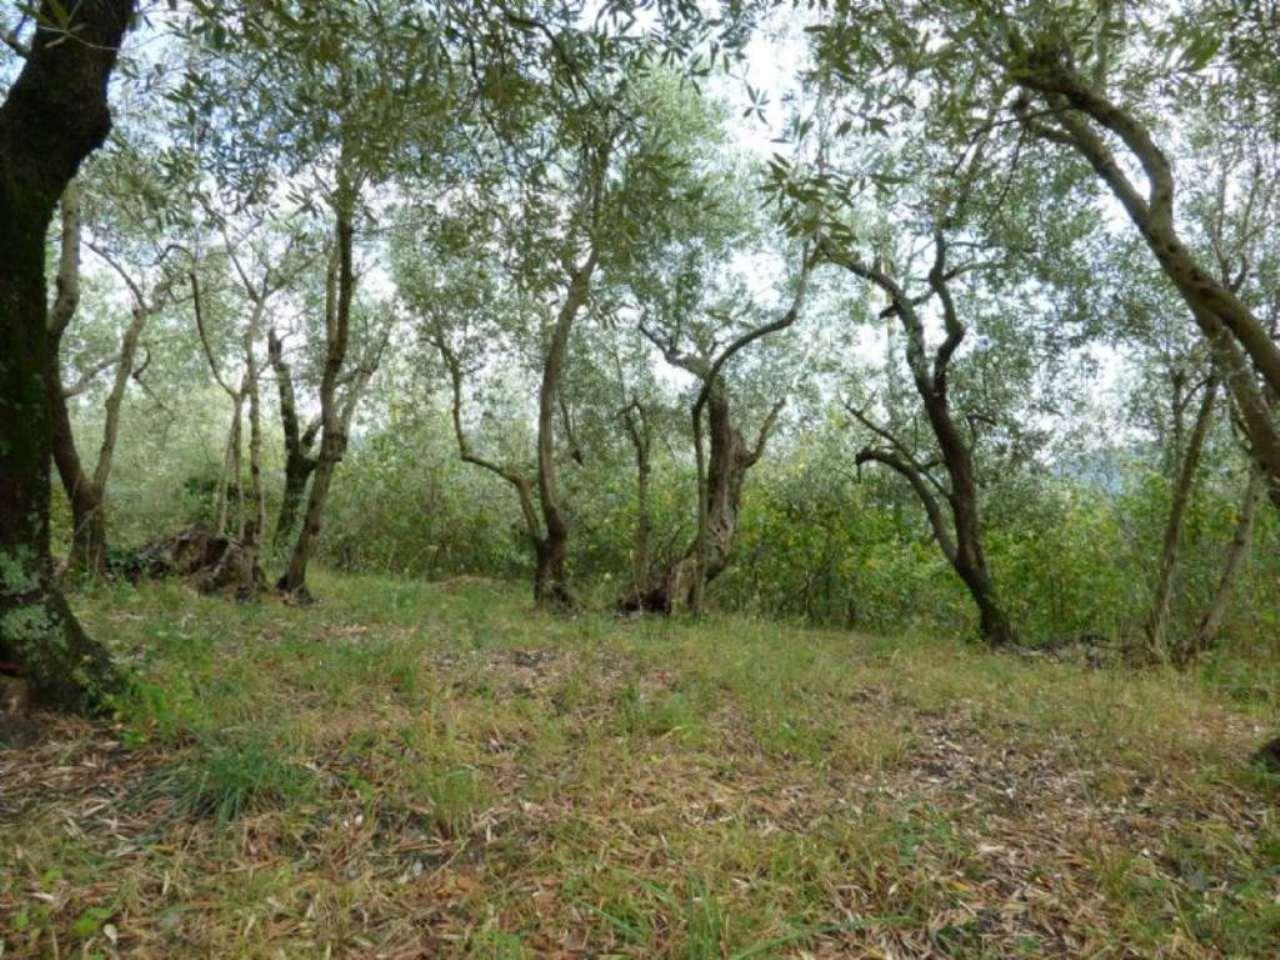 Terreno Agricolo in vendita a Uscio, 1 locali, prezzo € 19.000 | Cambio Casa.it